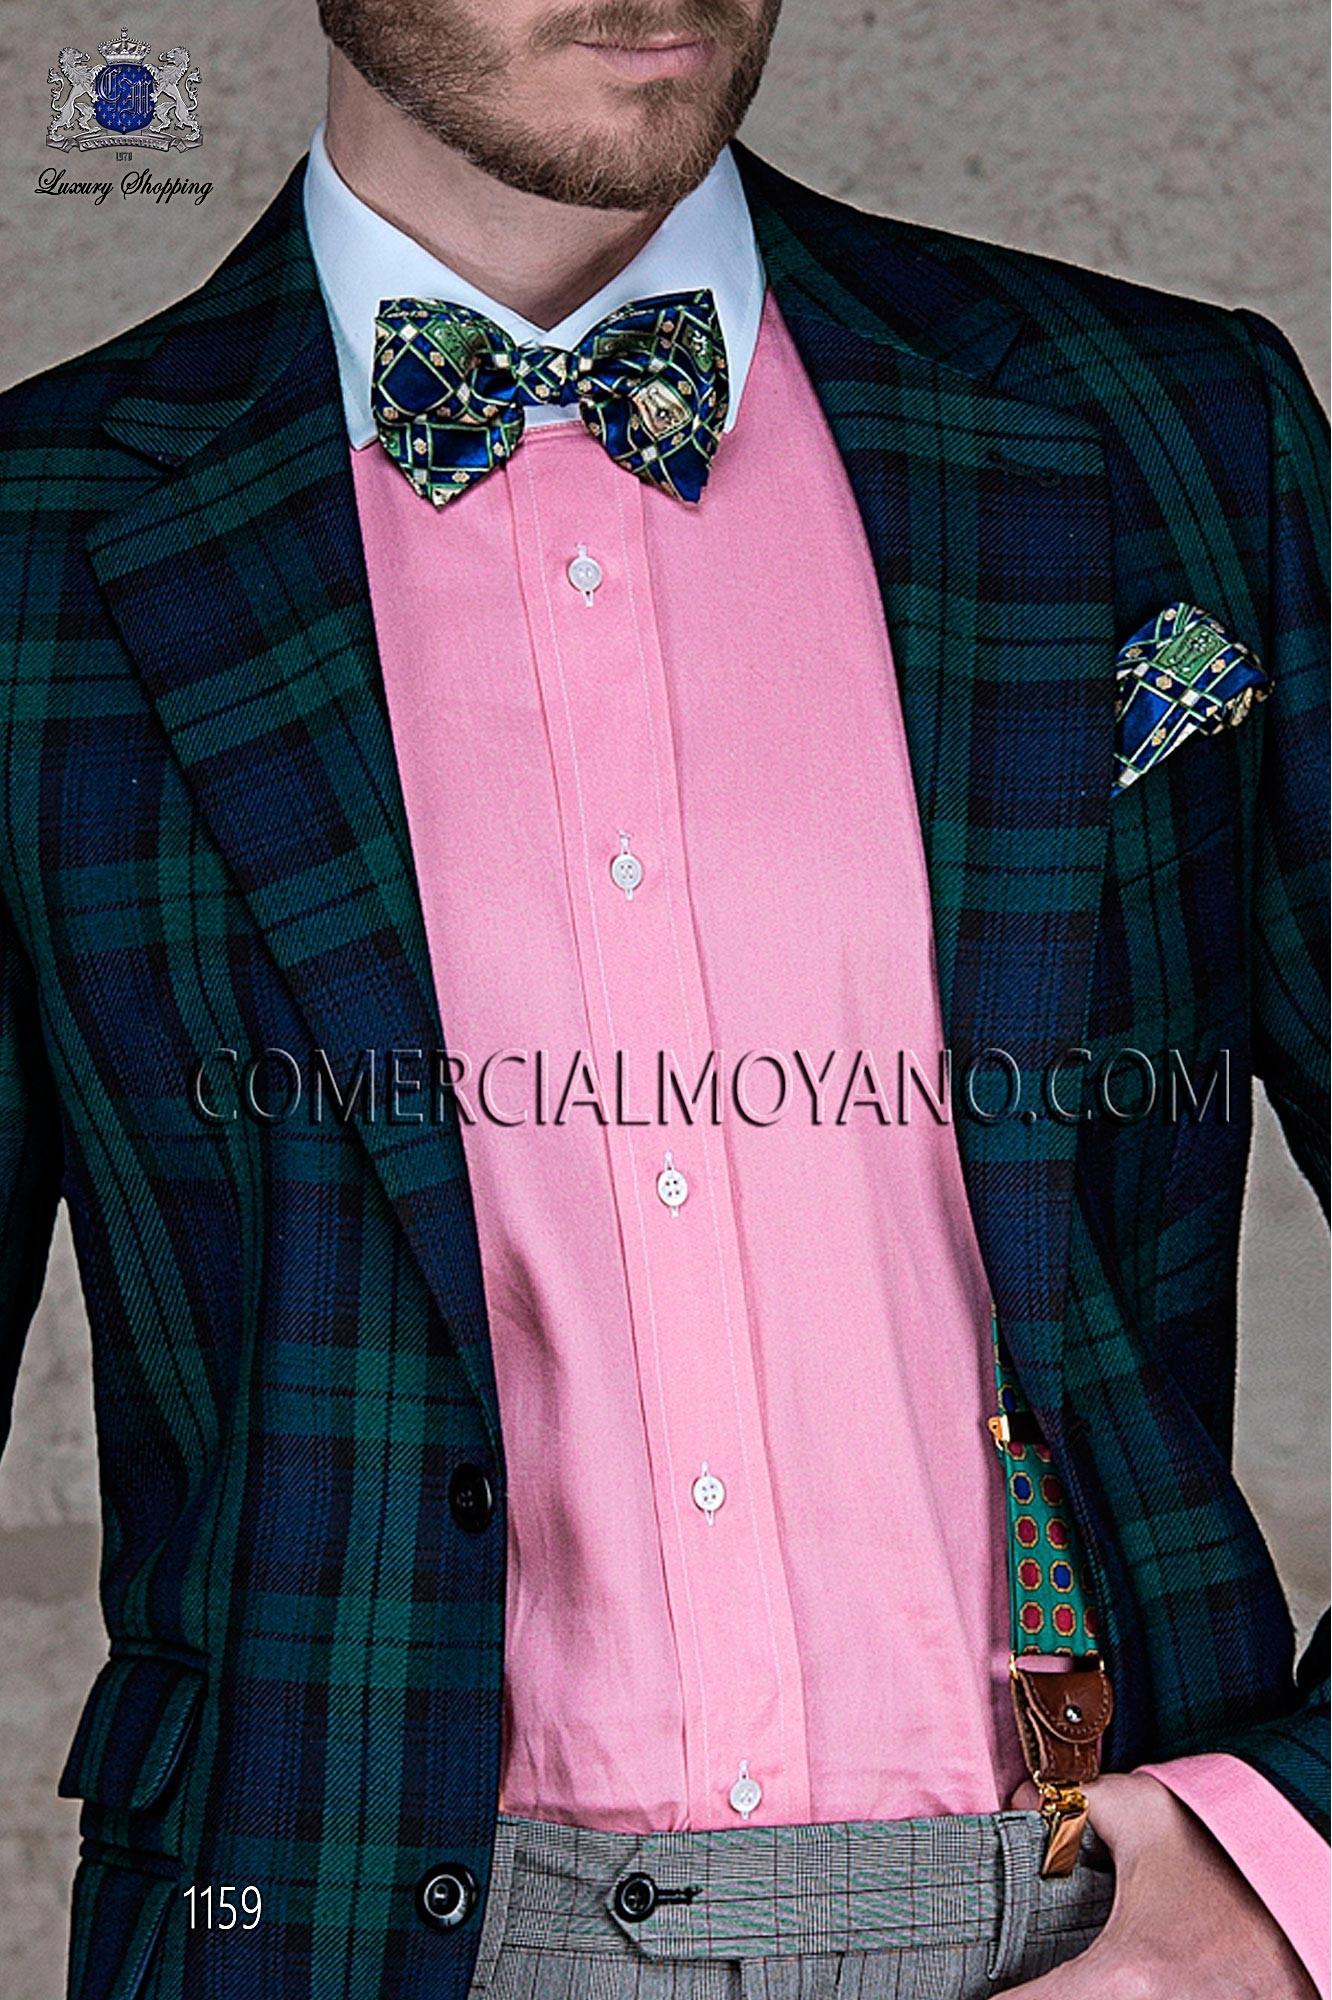 Italian blacktie blue tartan men wedding suit, model: 1159 Ottavio Nuccio Gala Black Tie Collection